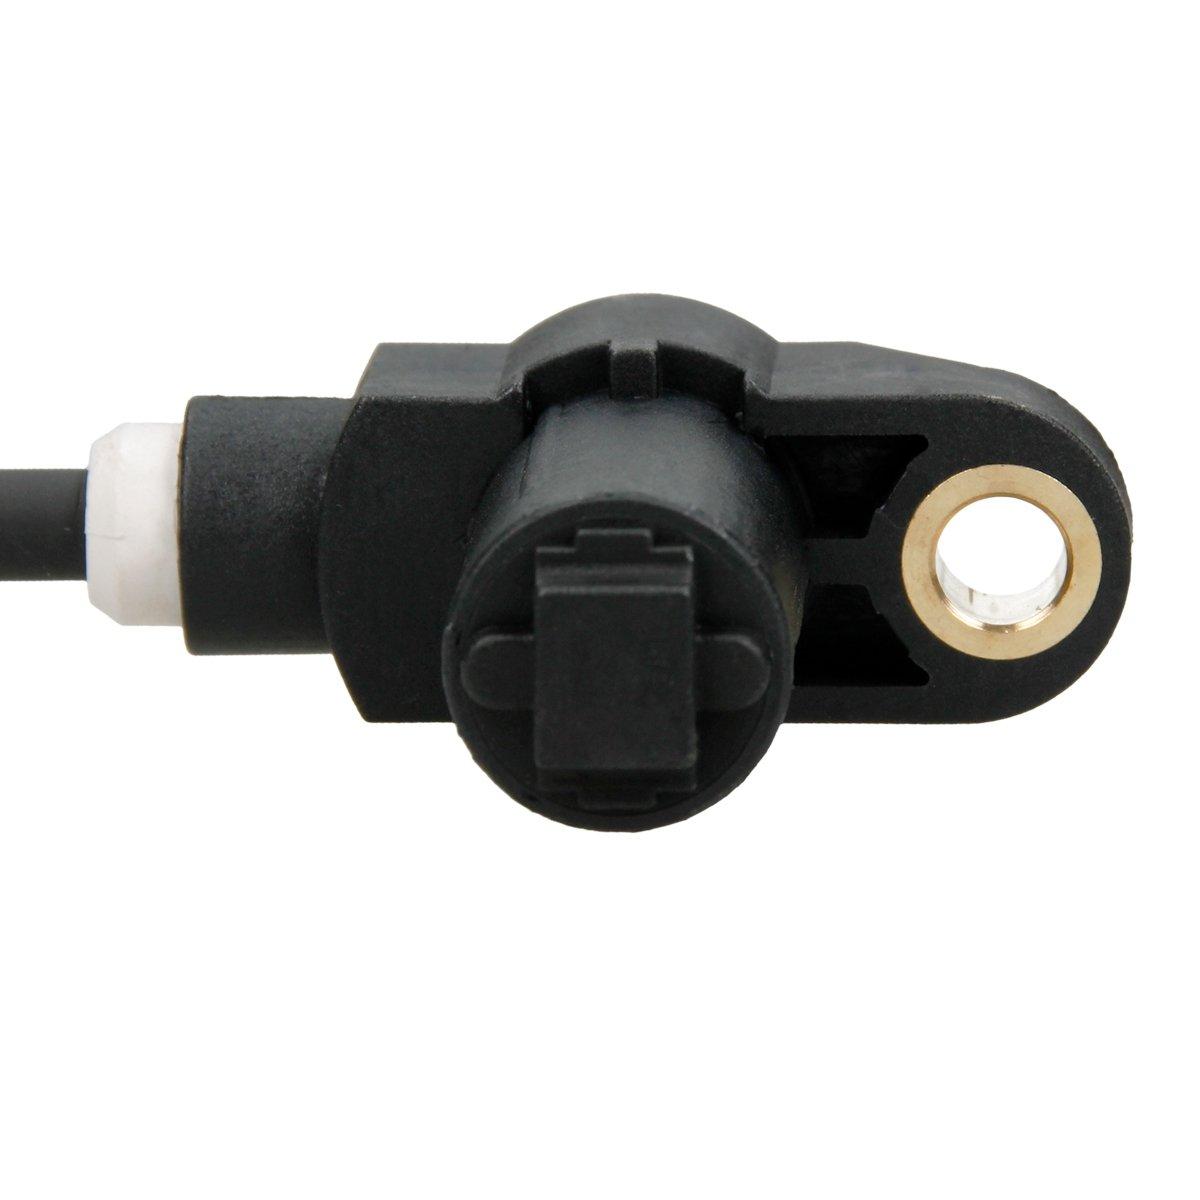 RS44408 Capteur de vitesse de roue Capteur ABS avant gauche ou droit